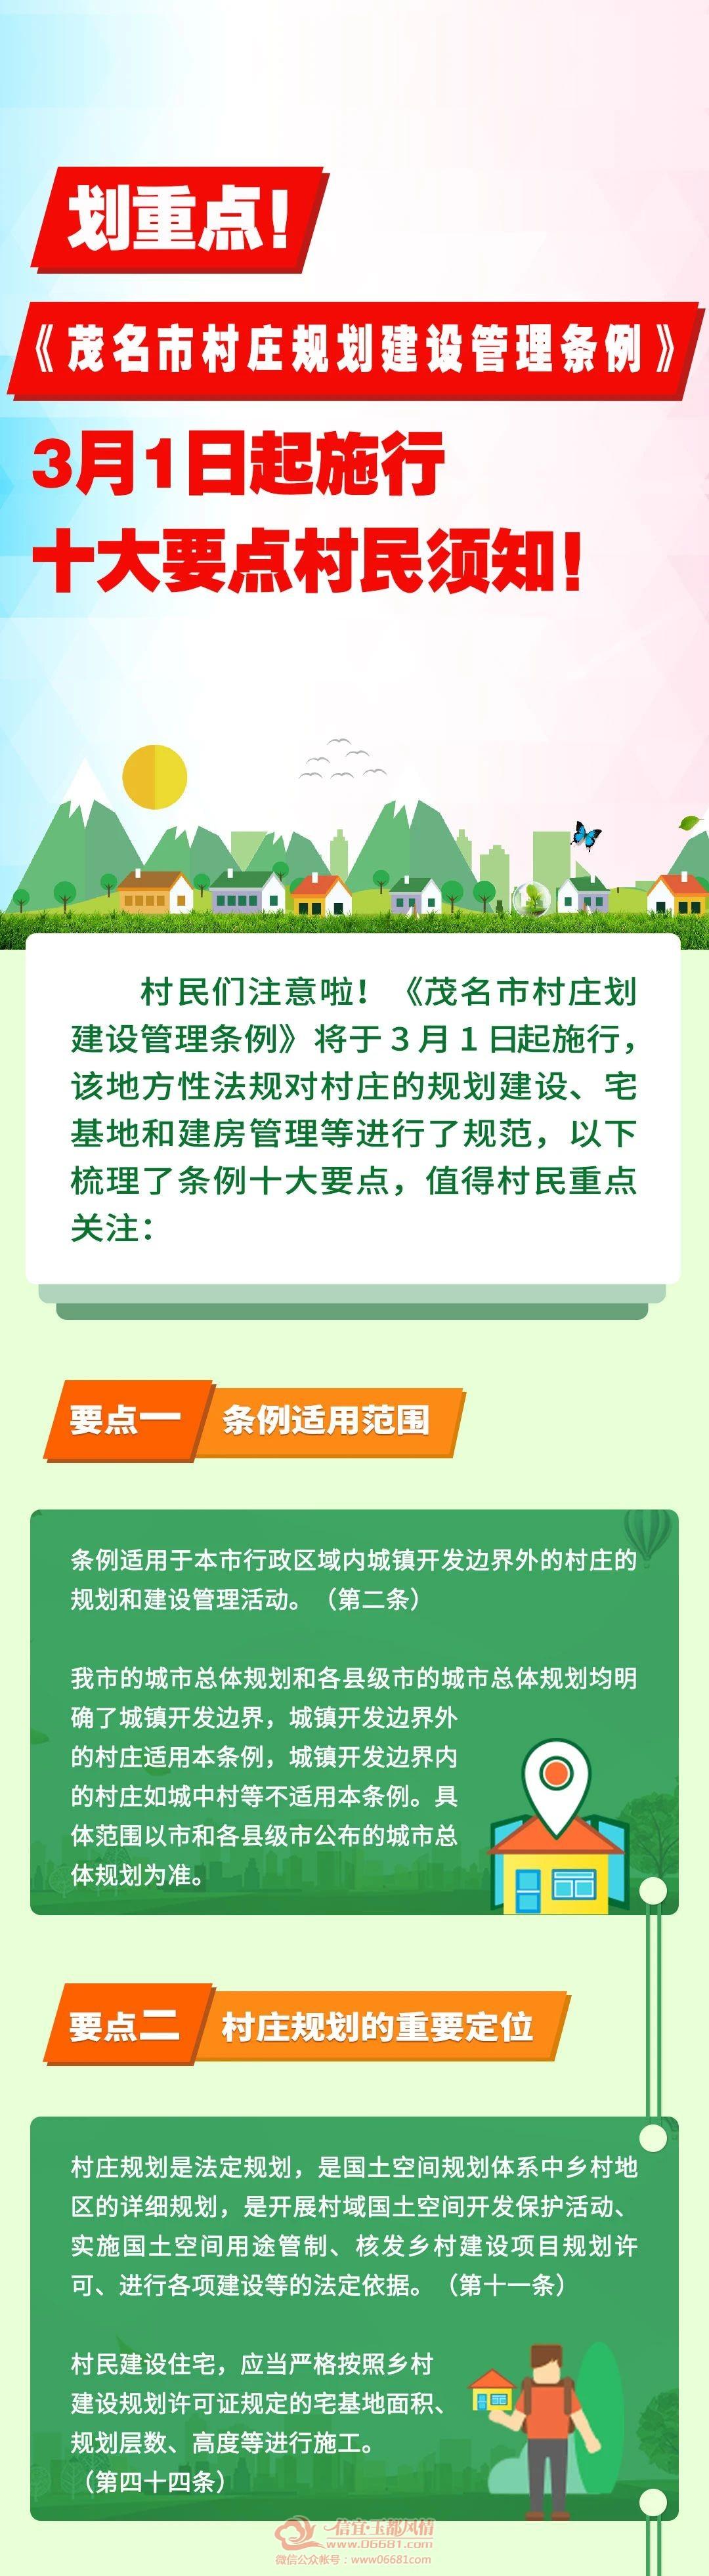 @信宜村民 事关村庄规划建设,3月1日起施行的条例